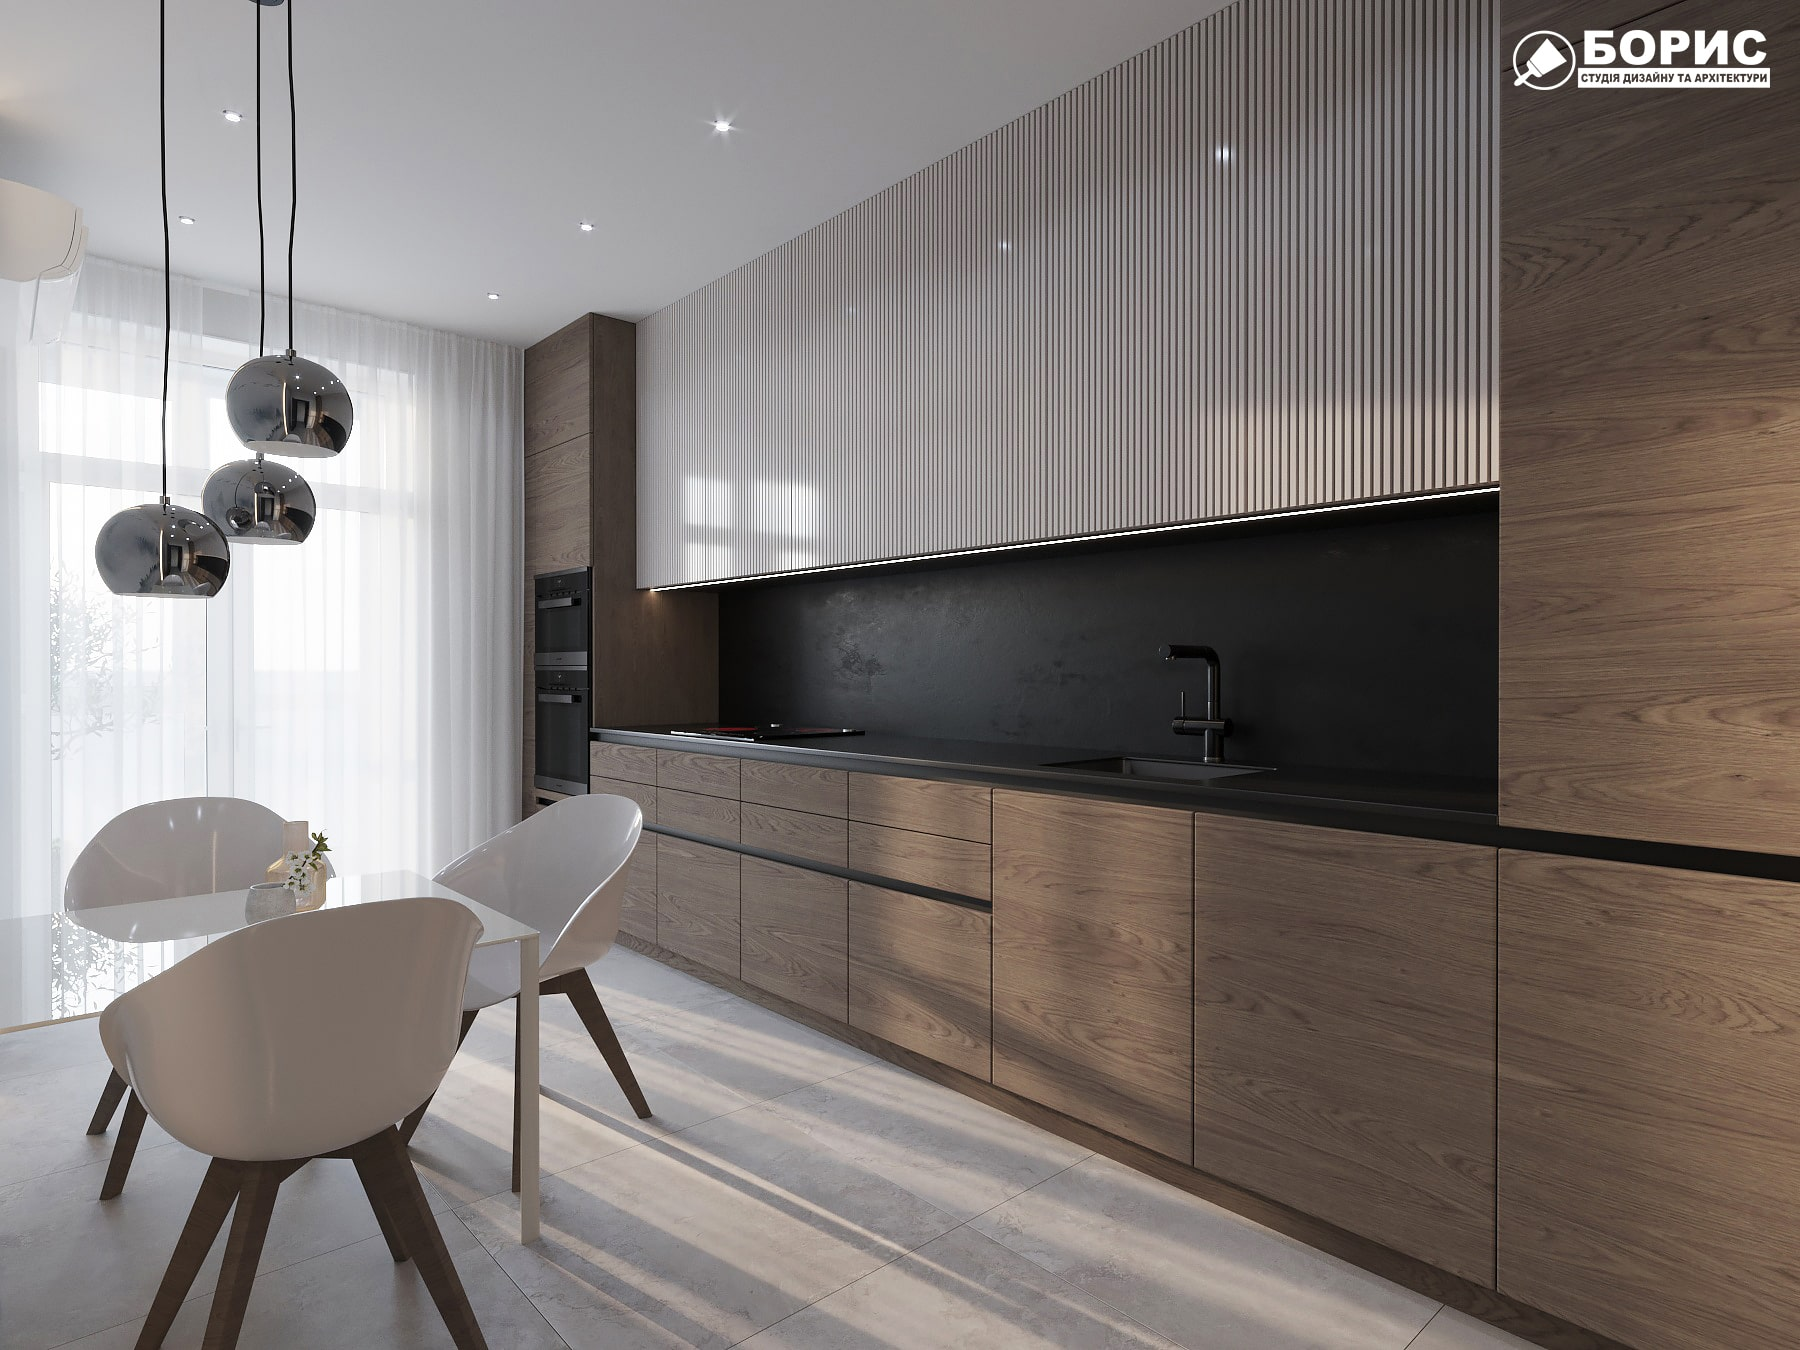 Как подобрать модный дизайн интерьера кухни?